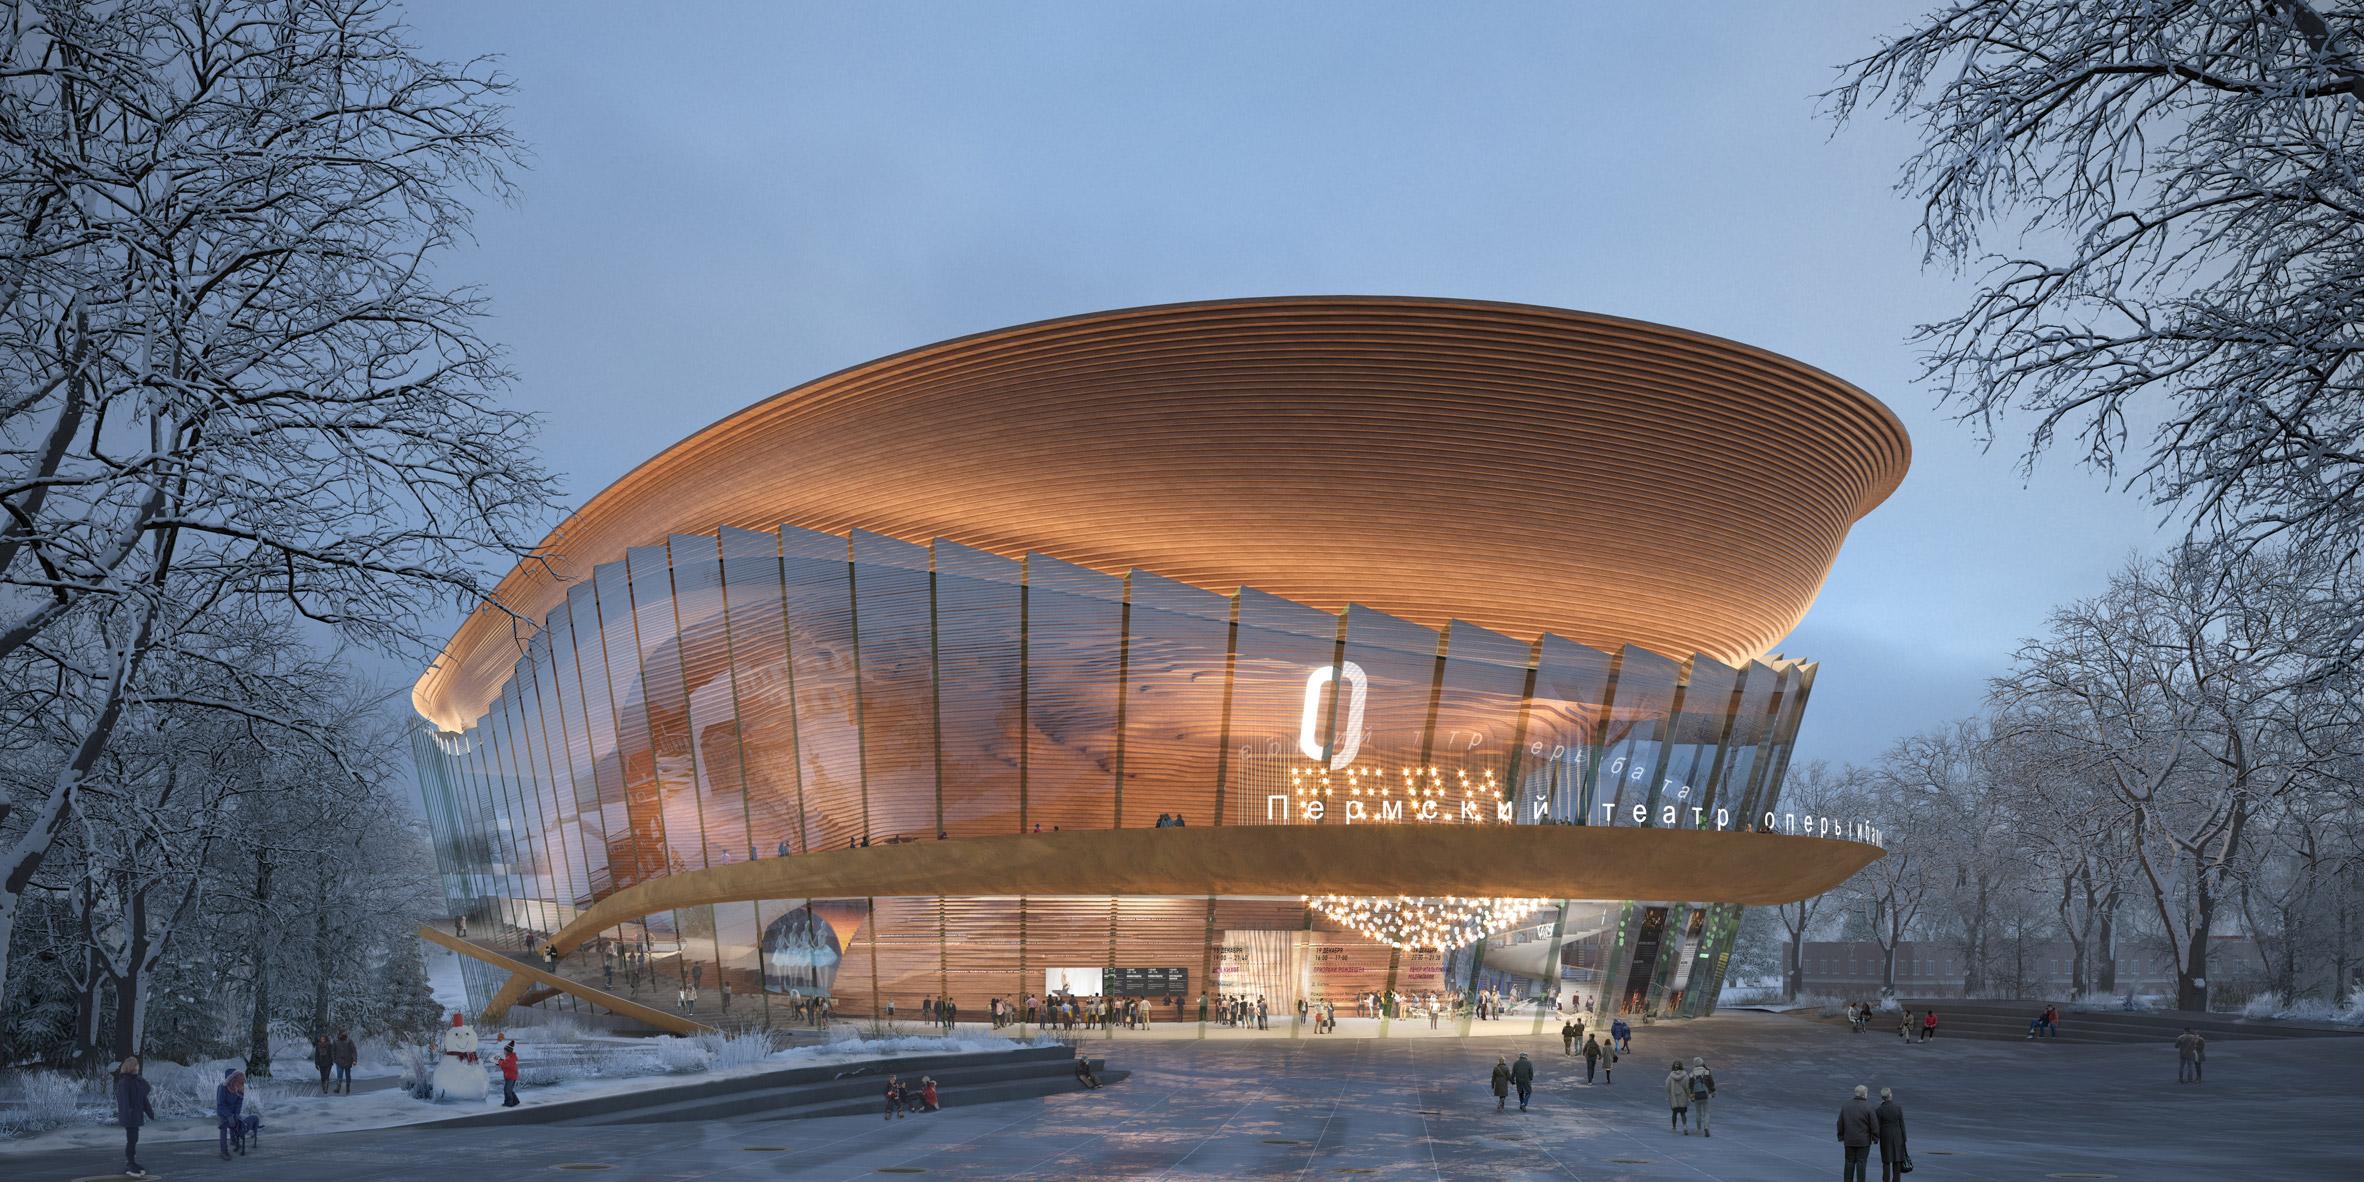 Gedung Opera yang Terinspirasi Gerakan Penari